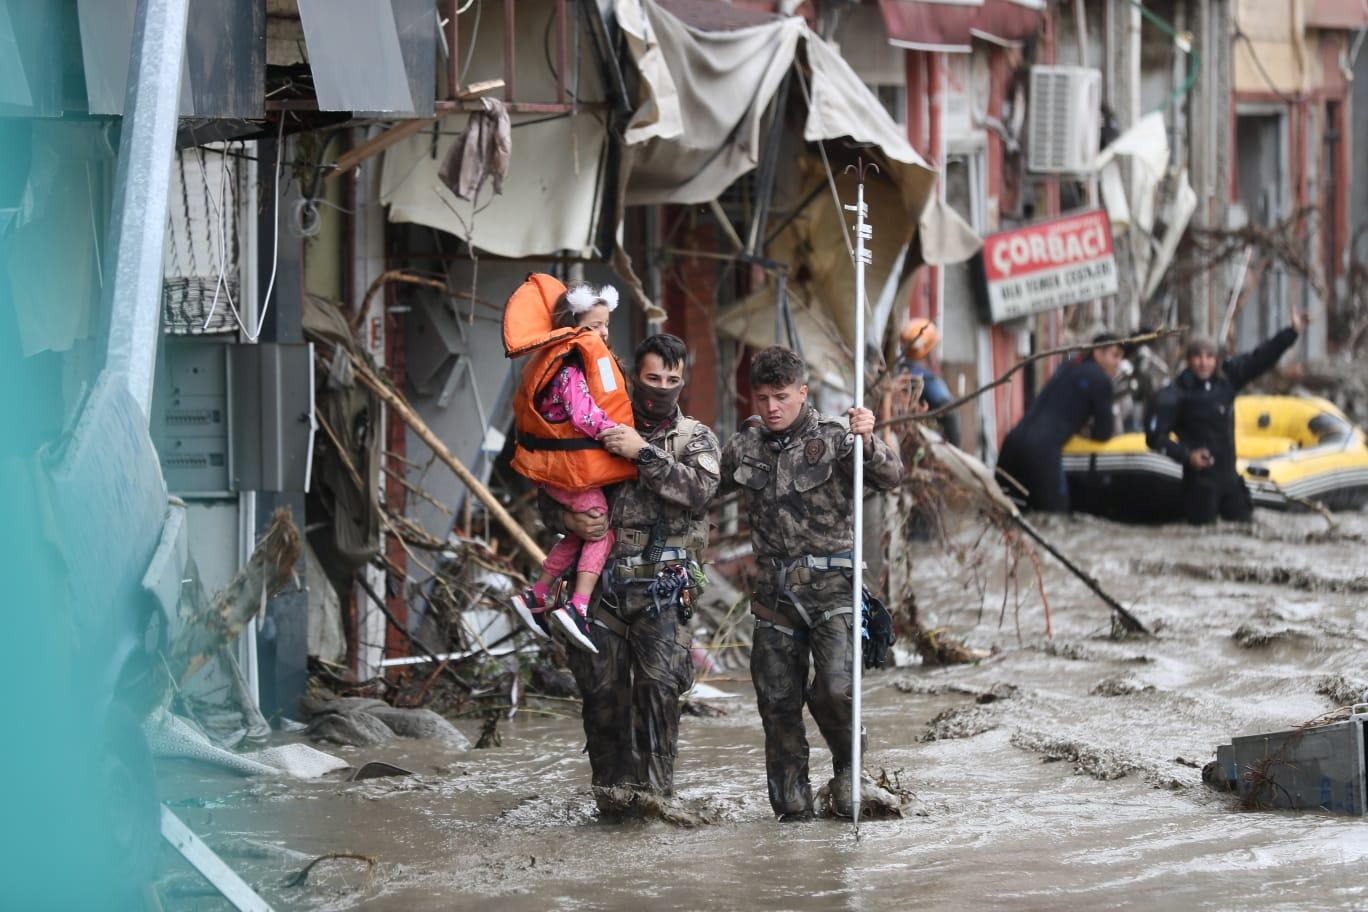 Paieškos ir gelbėjimo komandos nariai evakuoja mergaitę per staigius potvynius, apėmusius miestus Turkijos Juodosios jūros regione, Bozkurt mieste, Kastamonu provincijoje, Turkijoje, 12 m. Rugpjūčio 2021 d. Nuotrauka daryta 12 m. Rugpjūčio 2021 d. Vidaus nelaimių ir ekstremalių situacijų valdymo tarnybos (AFAD) atstovas spaudai/dalomoji medžiaga per REUTERS